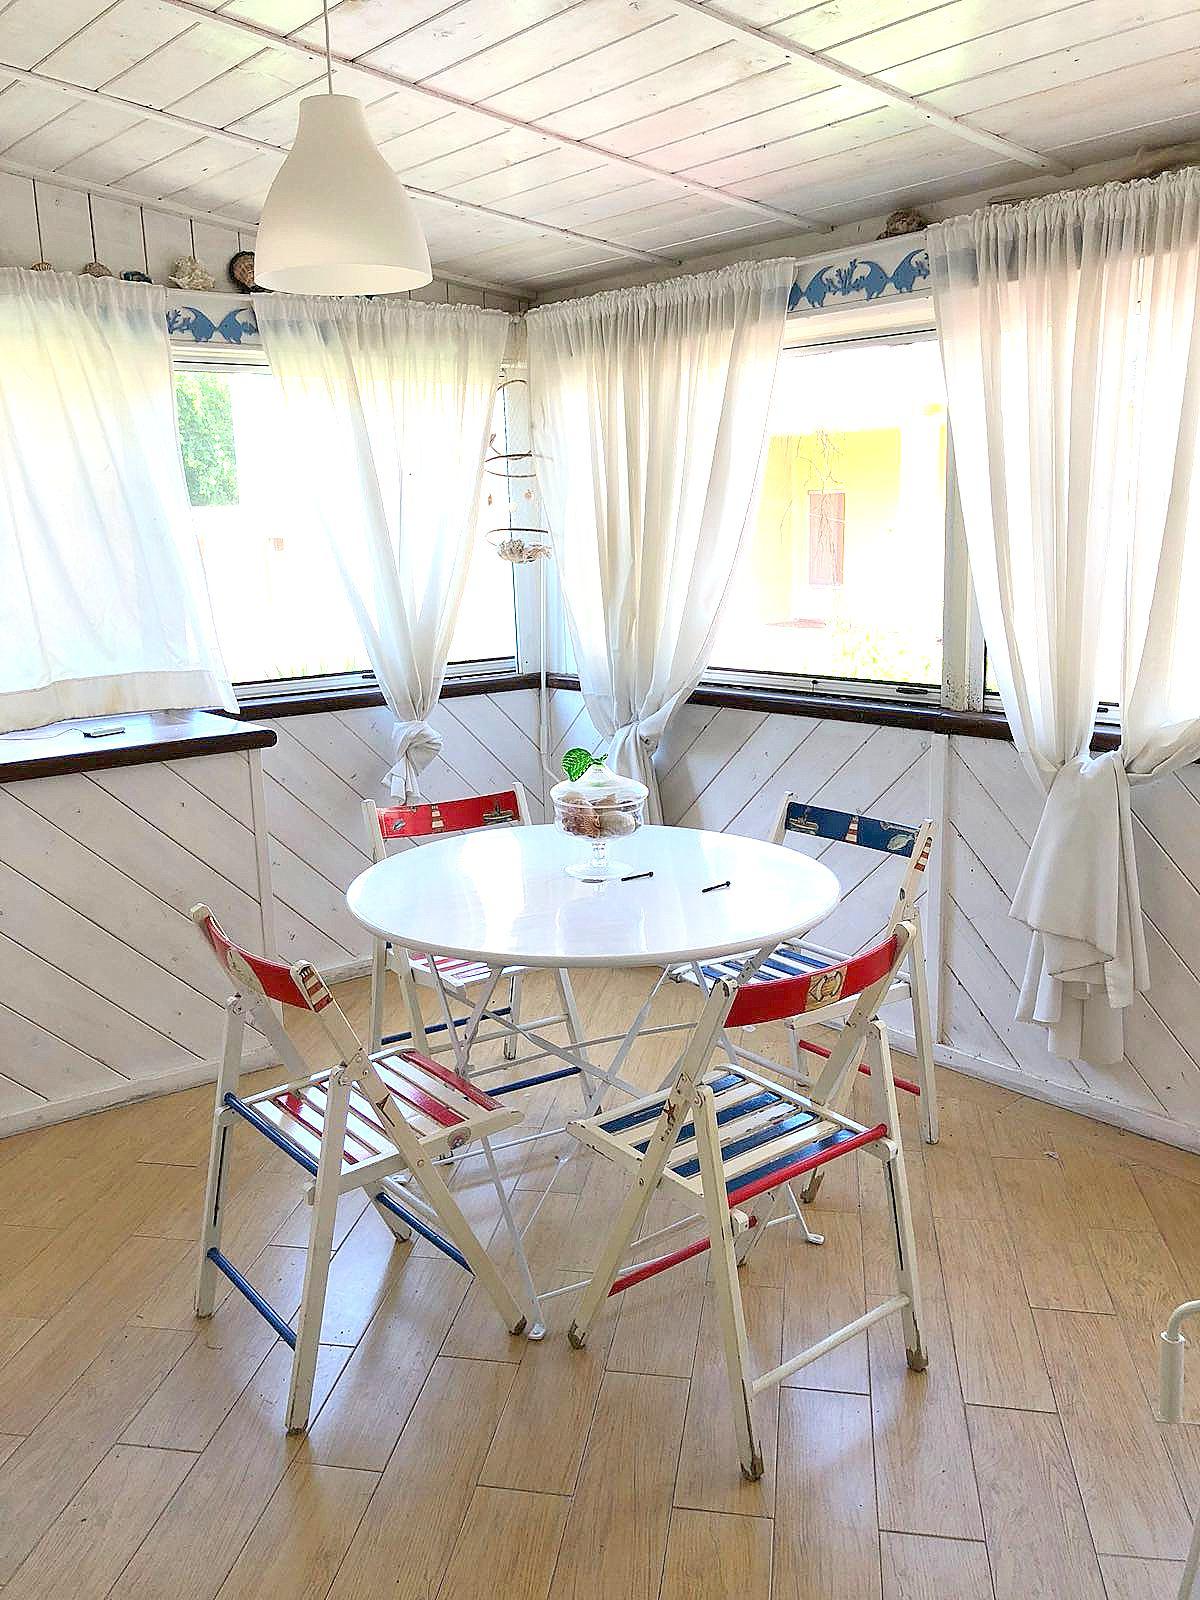 Vendita appartamento con veranda chiusa nel centro storica a orbetelloagenzia immobiliare - Agenzia immobiliare orbetello ...